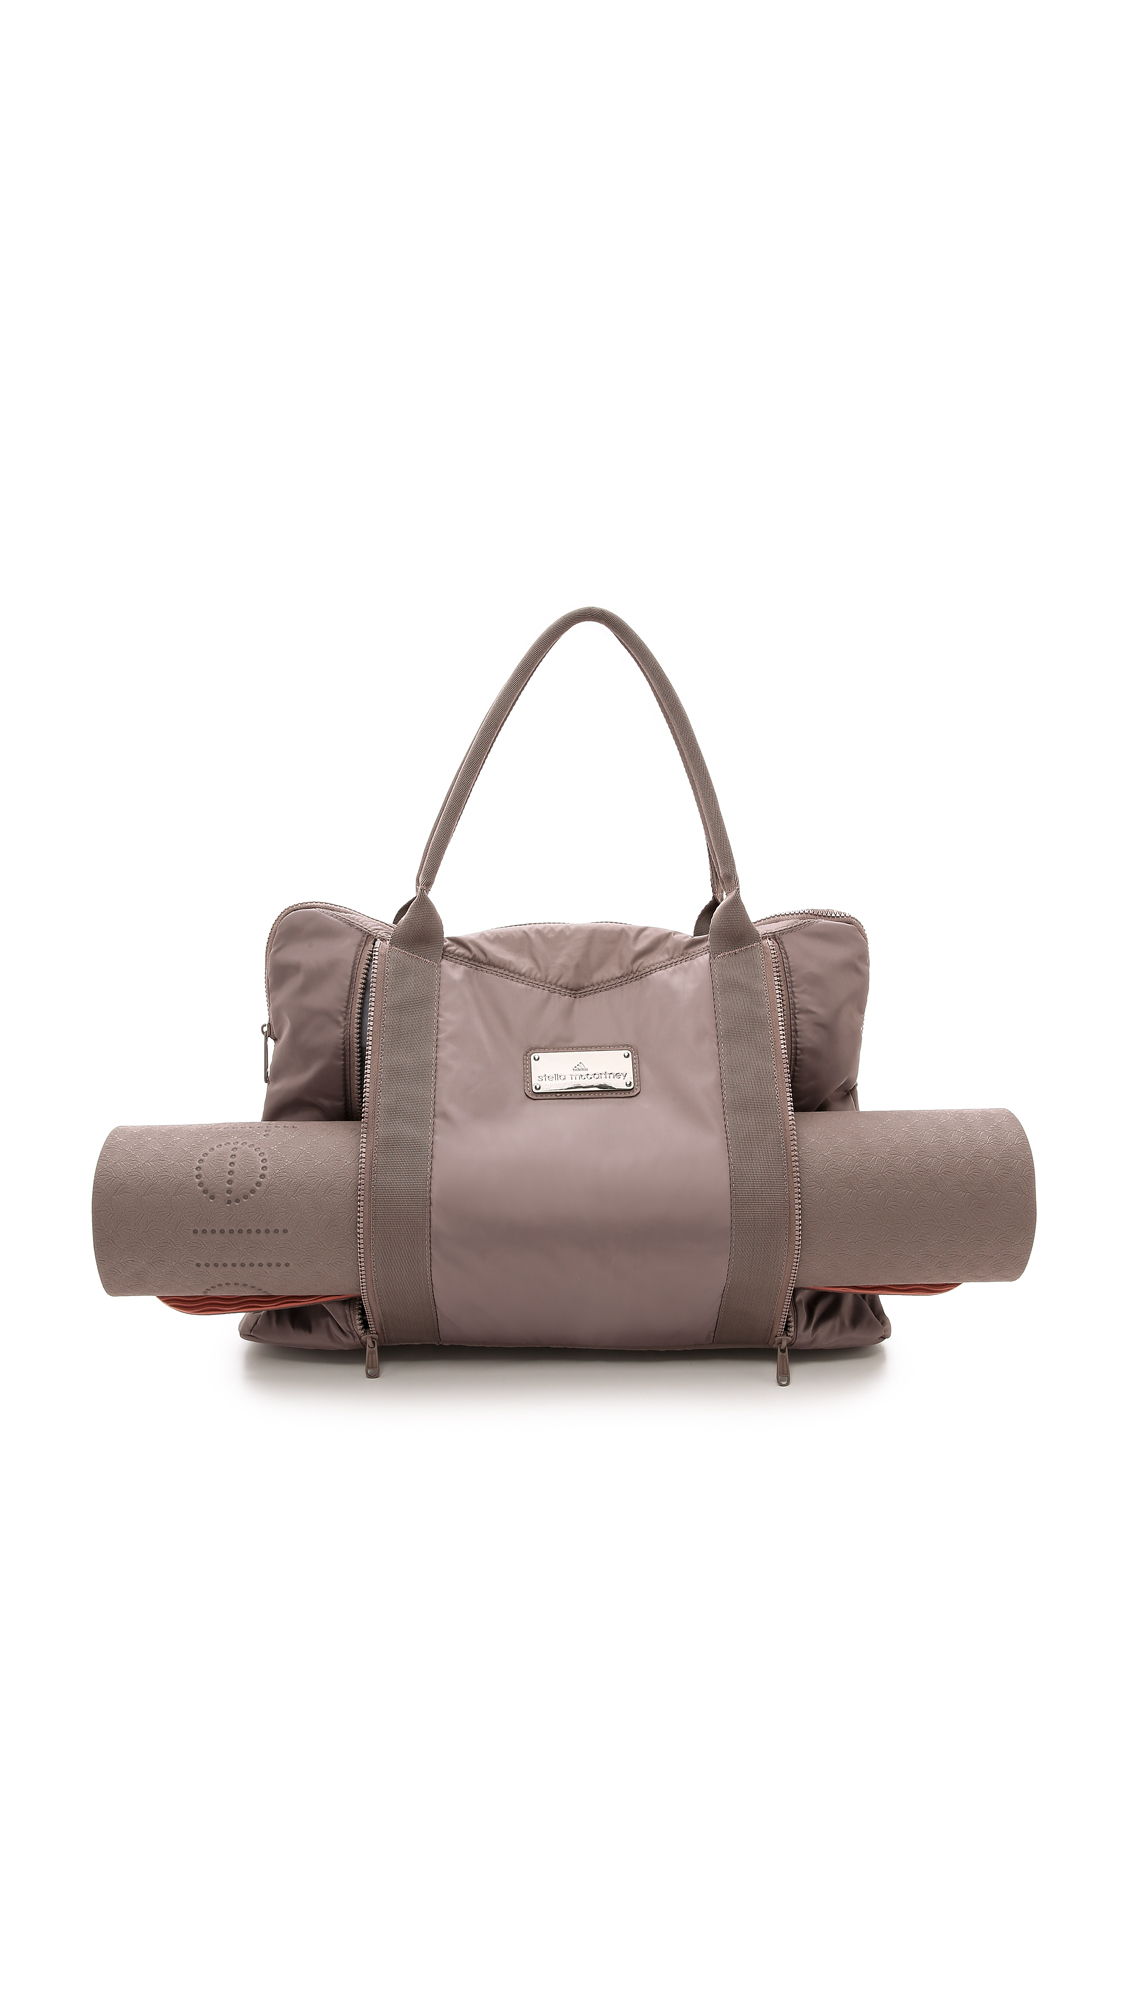 Lyst - adidas By Stella McCartney Yoga Bag - Cement Grey in Gray 7ef133c658